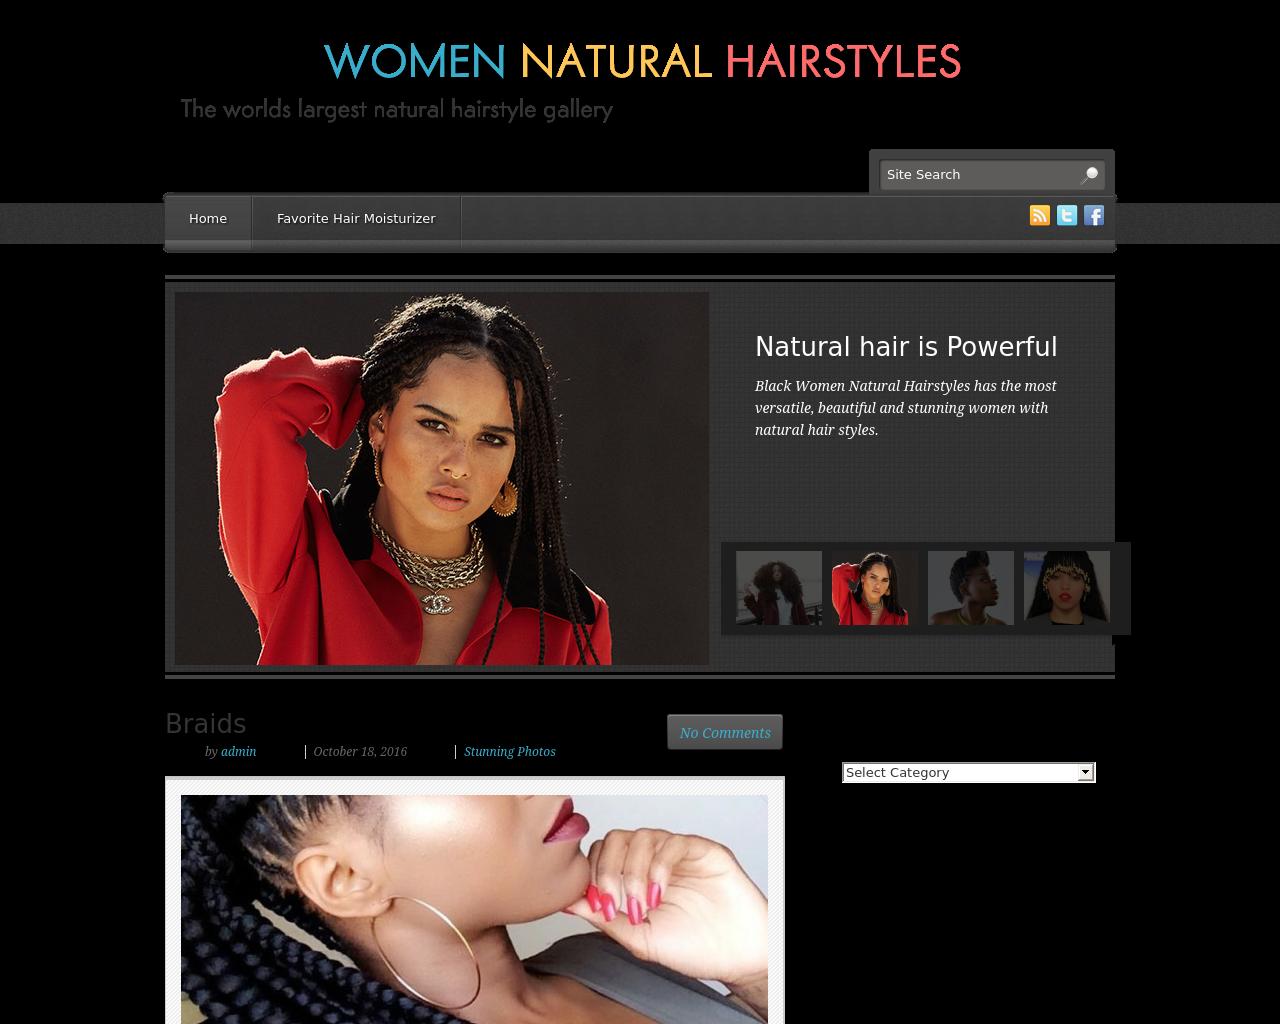 Blackwomennaturalhairstyles-Advertising-Reviews-Pricing